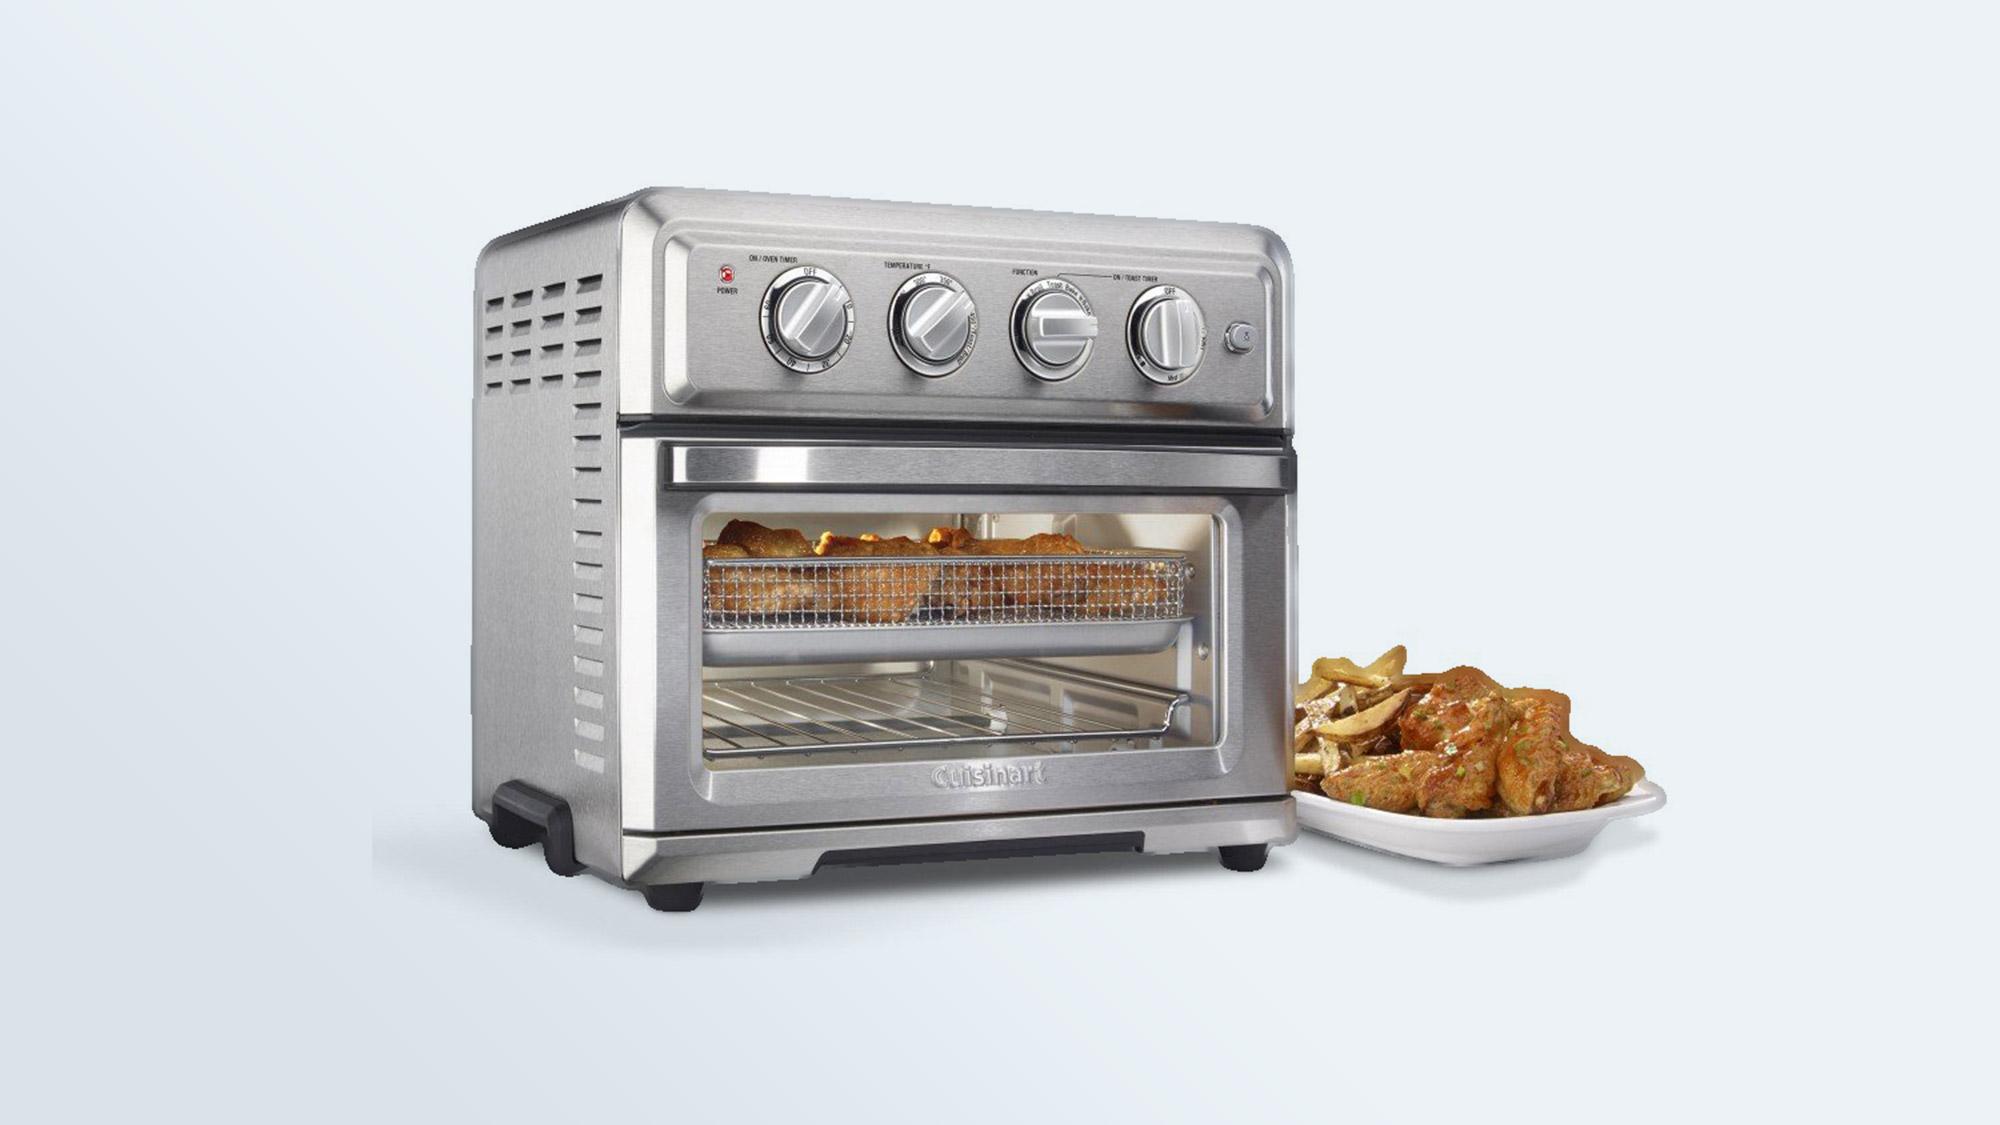 Best air fryers: Cuisinart Compact Air Fryer